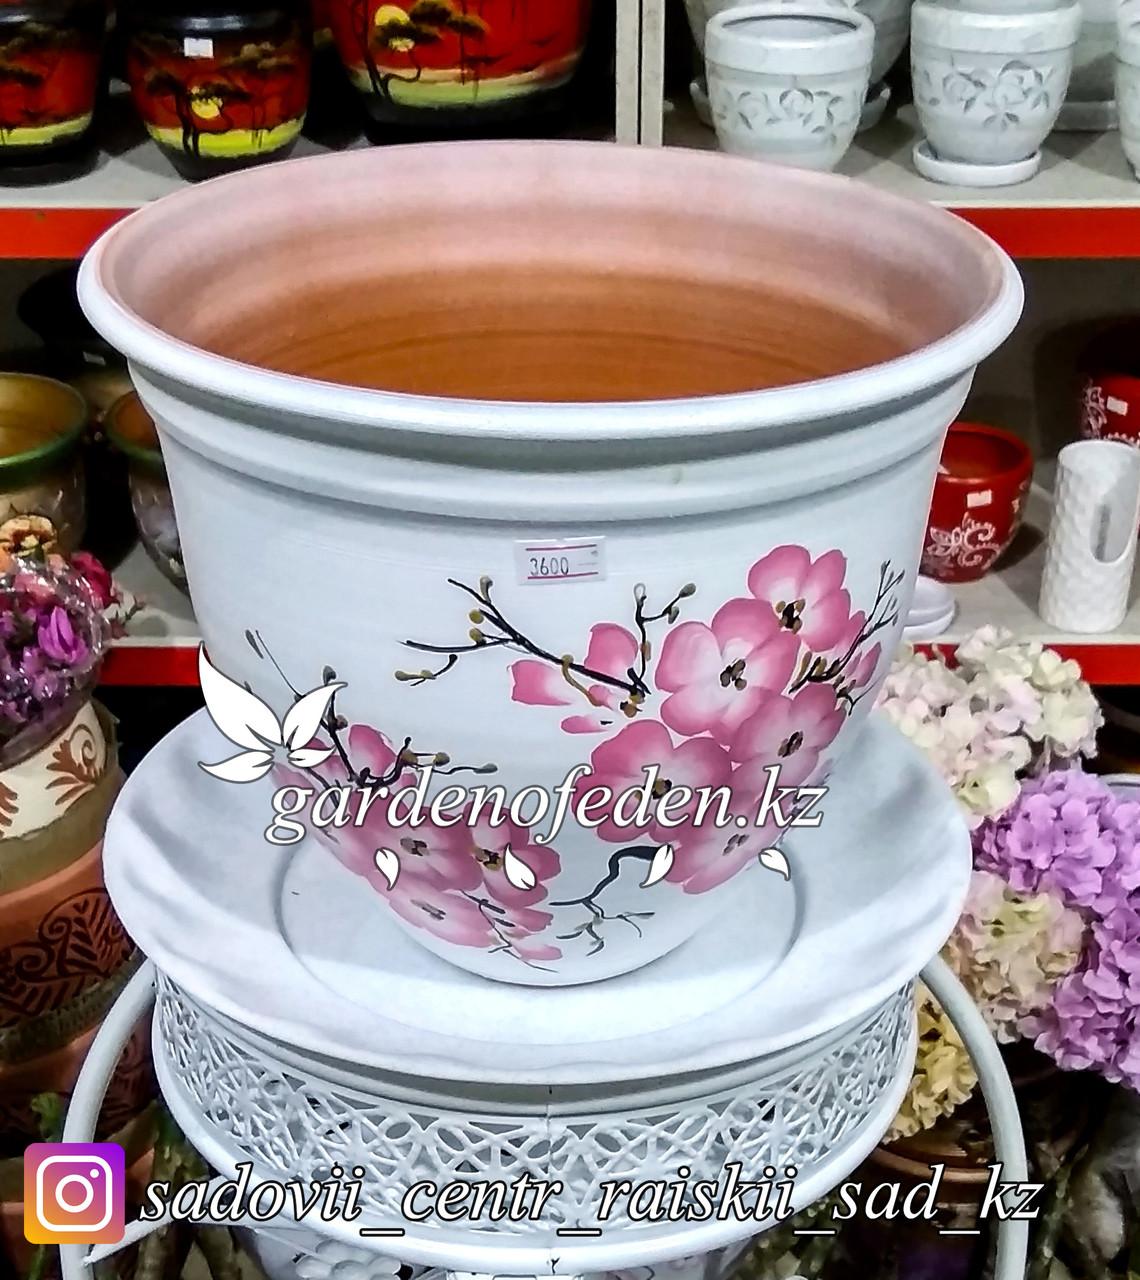 Керамический горшок для цветов. Объем: 5л